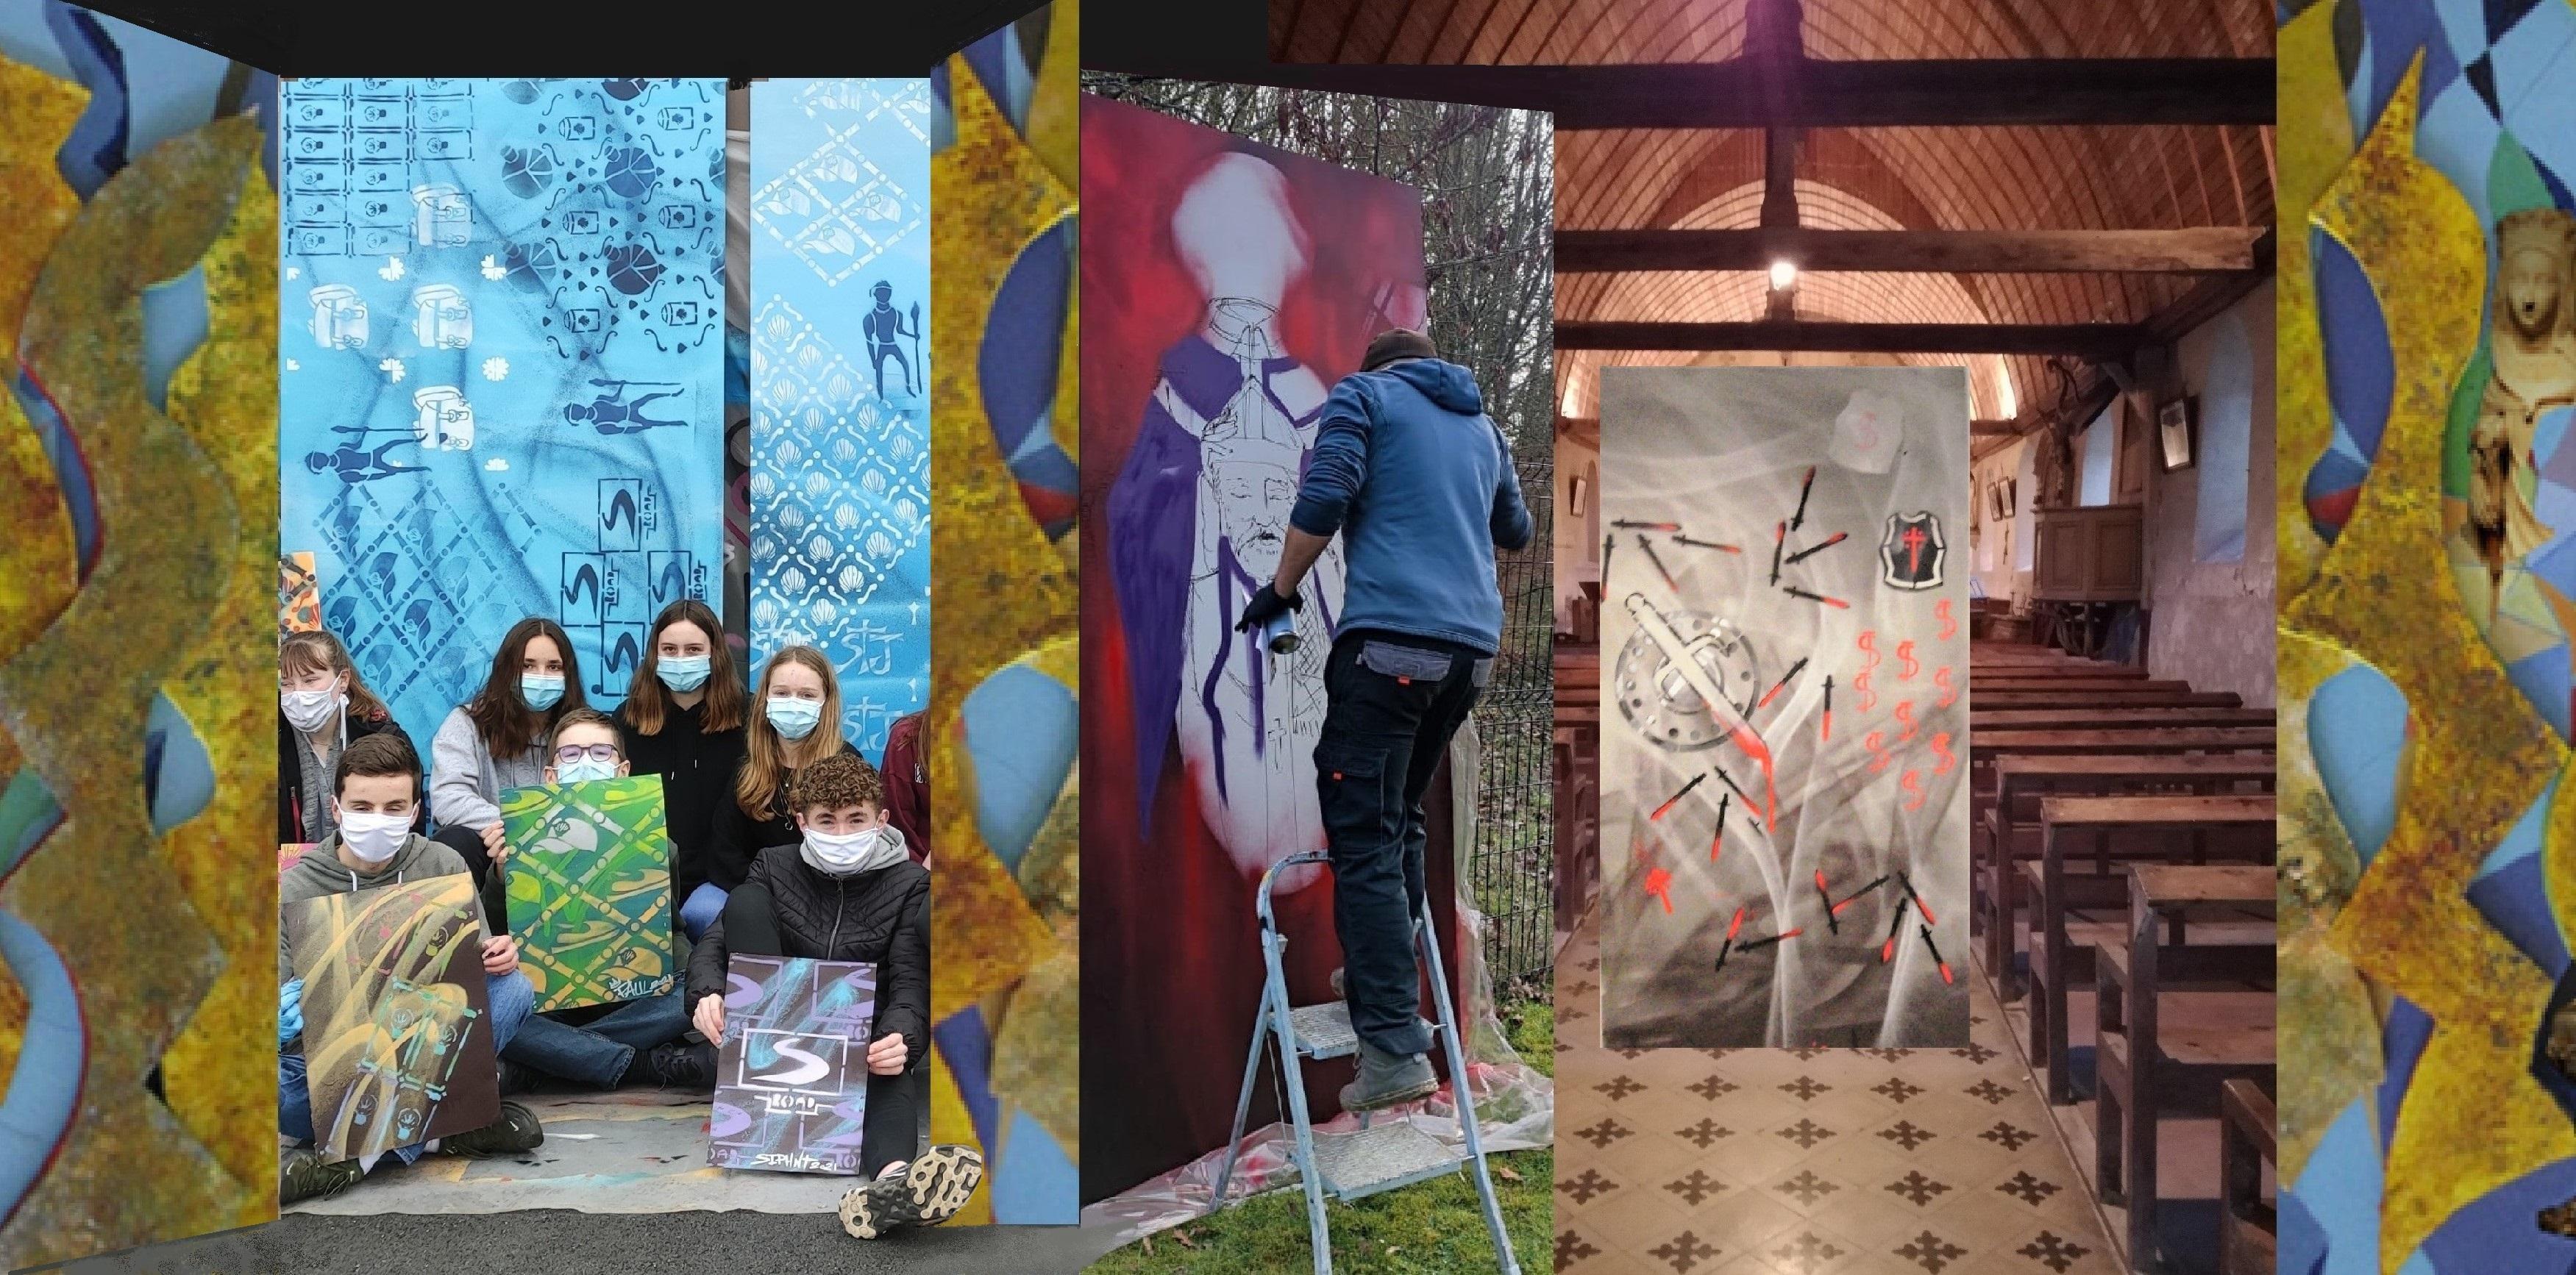 Graffistorik